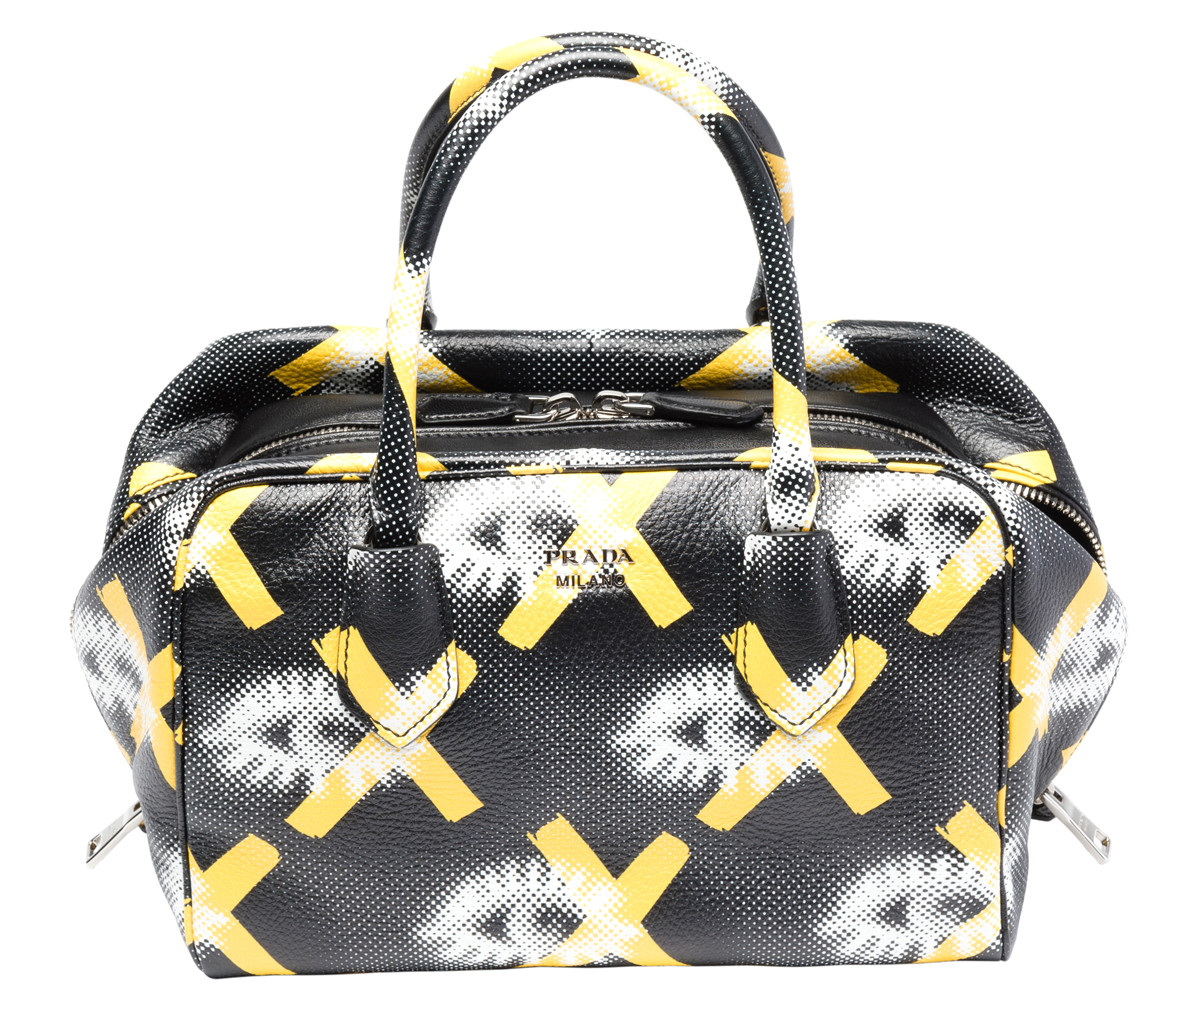 845dc55e059e Prada Resort 2016 Bags Are Bold and In Stores Now - PurseBlog